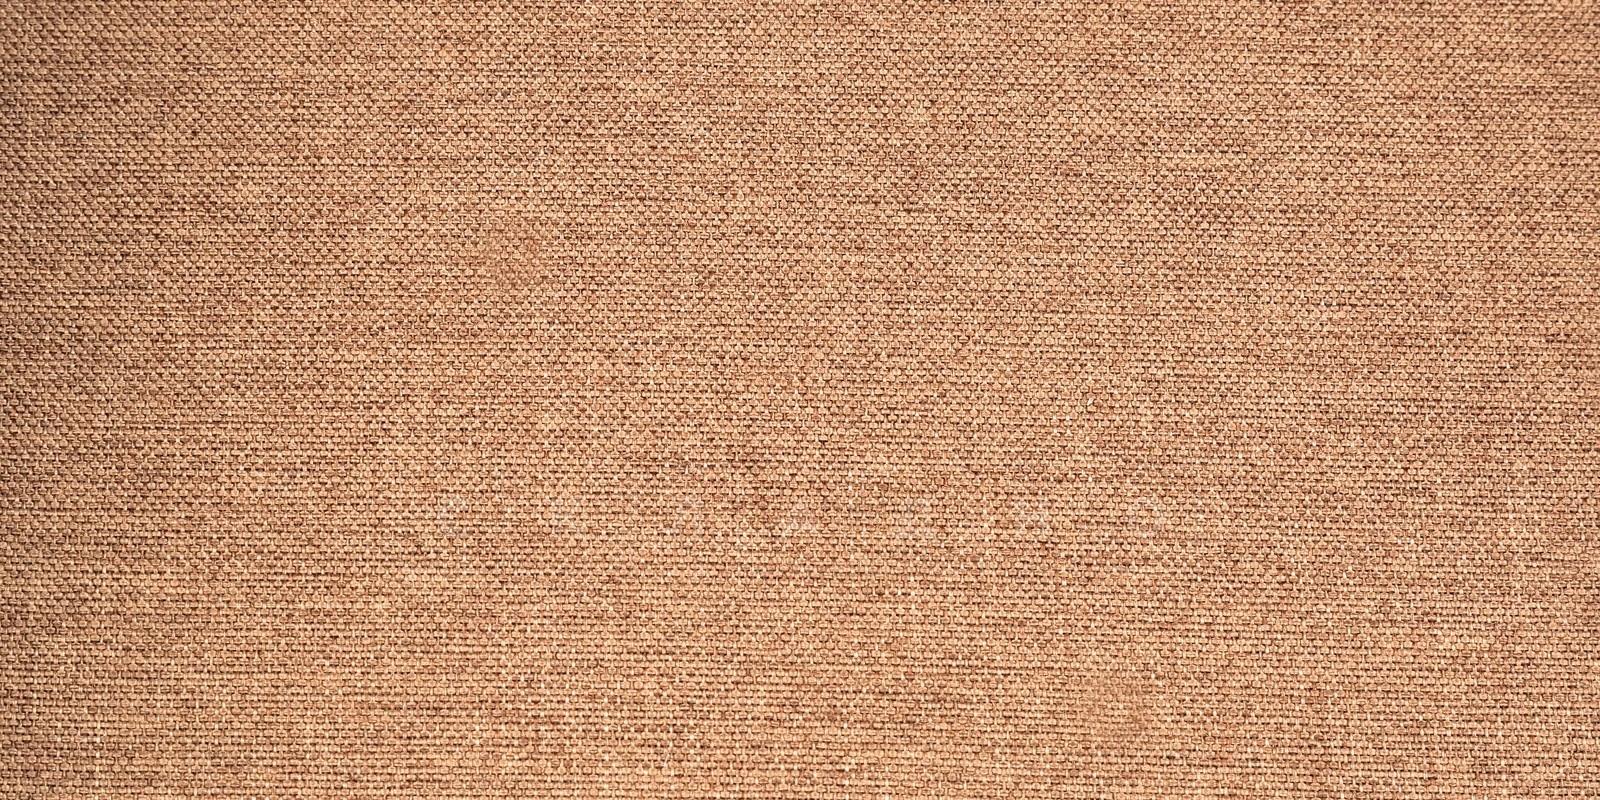 Кресло Флэтфорд рогожка коричневая с бежевым кантом фото 8 | интернет-магазин Складно